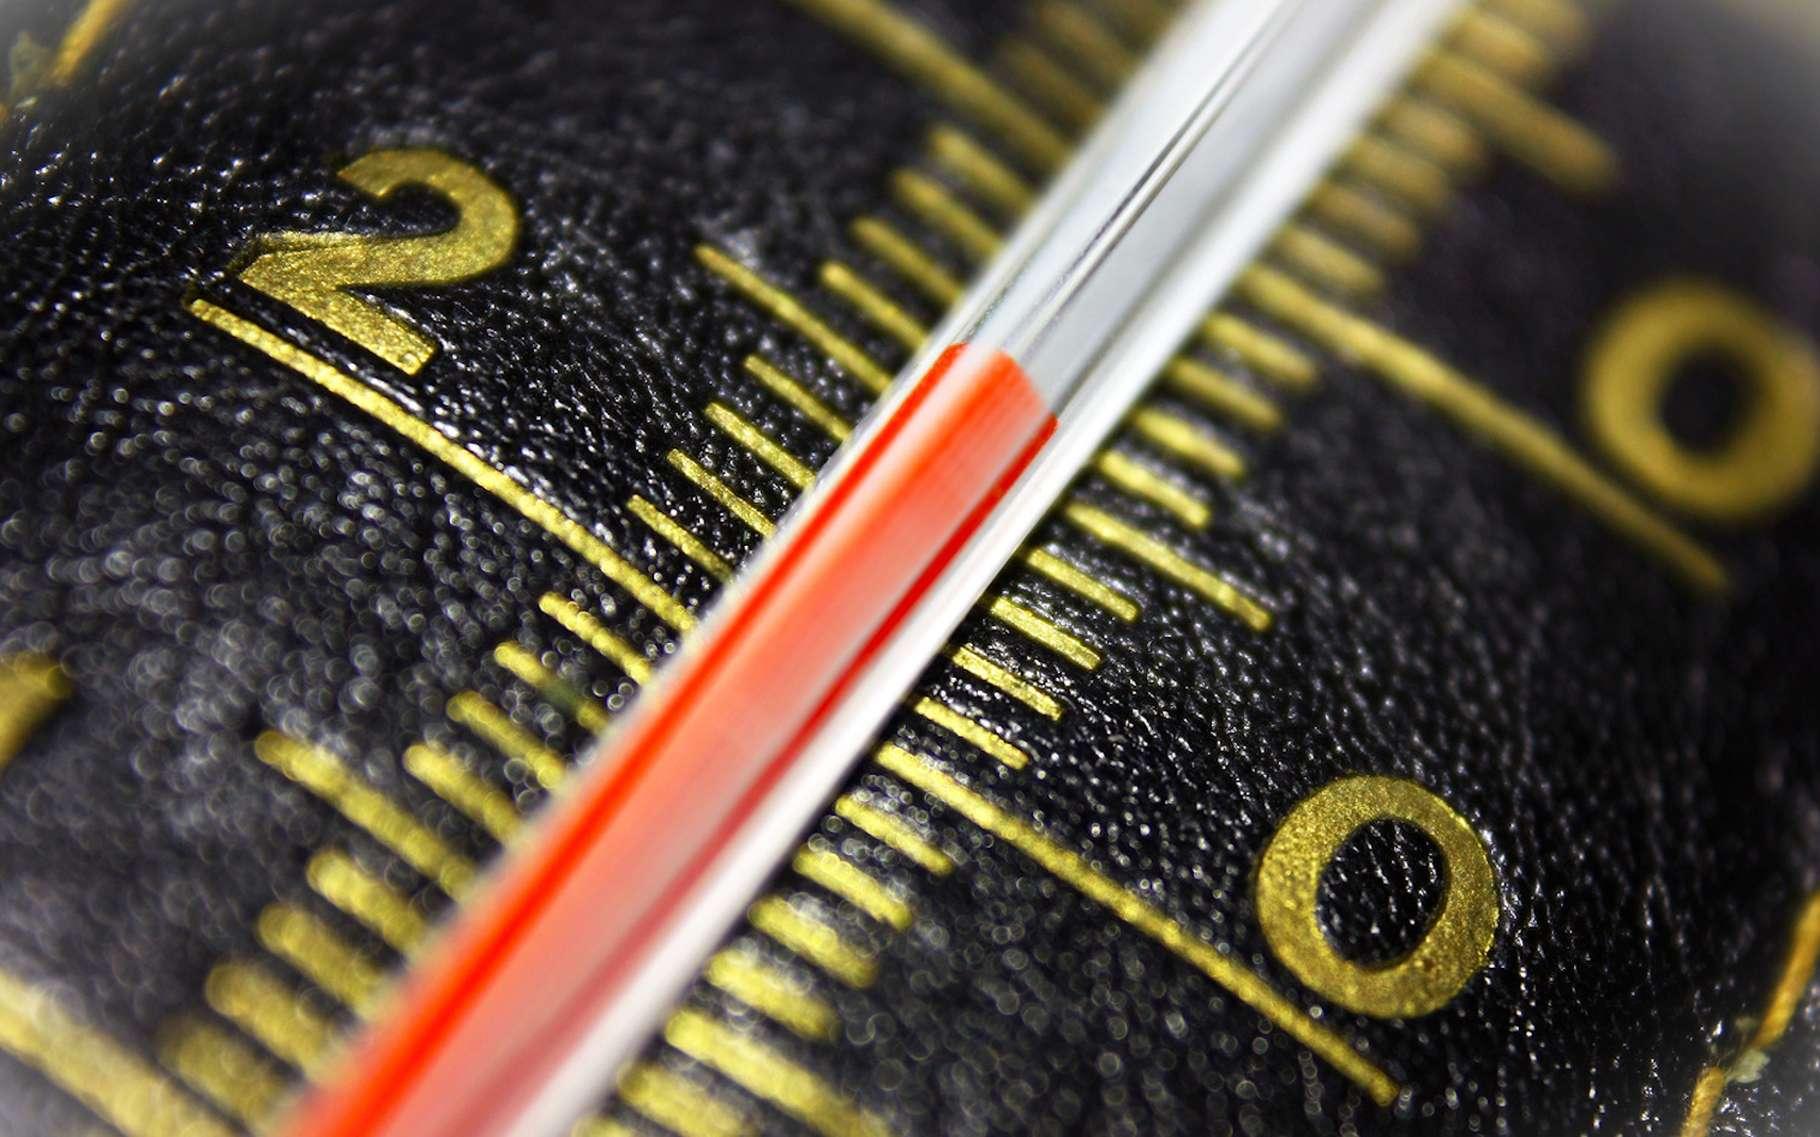 Le kelvin est l'unité de température utilisée de préférence par les scientifiques. © berczy04, Fotolia